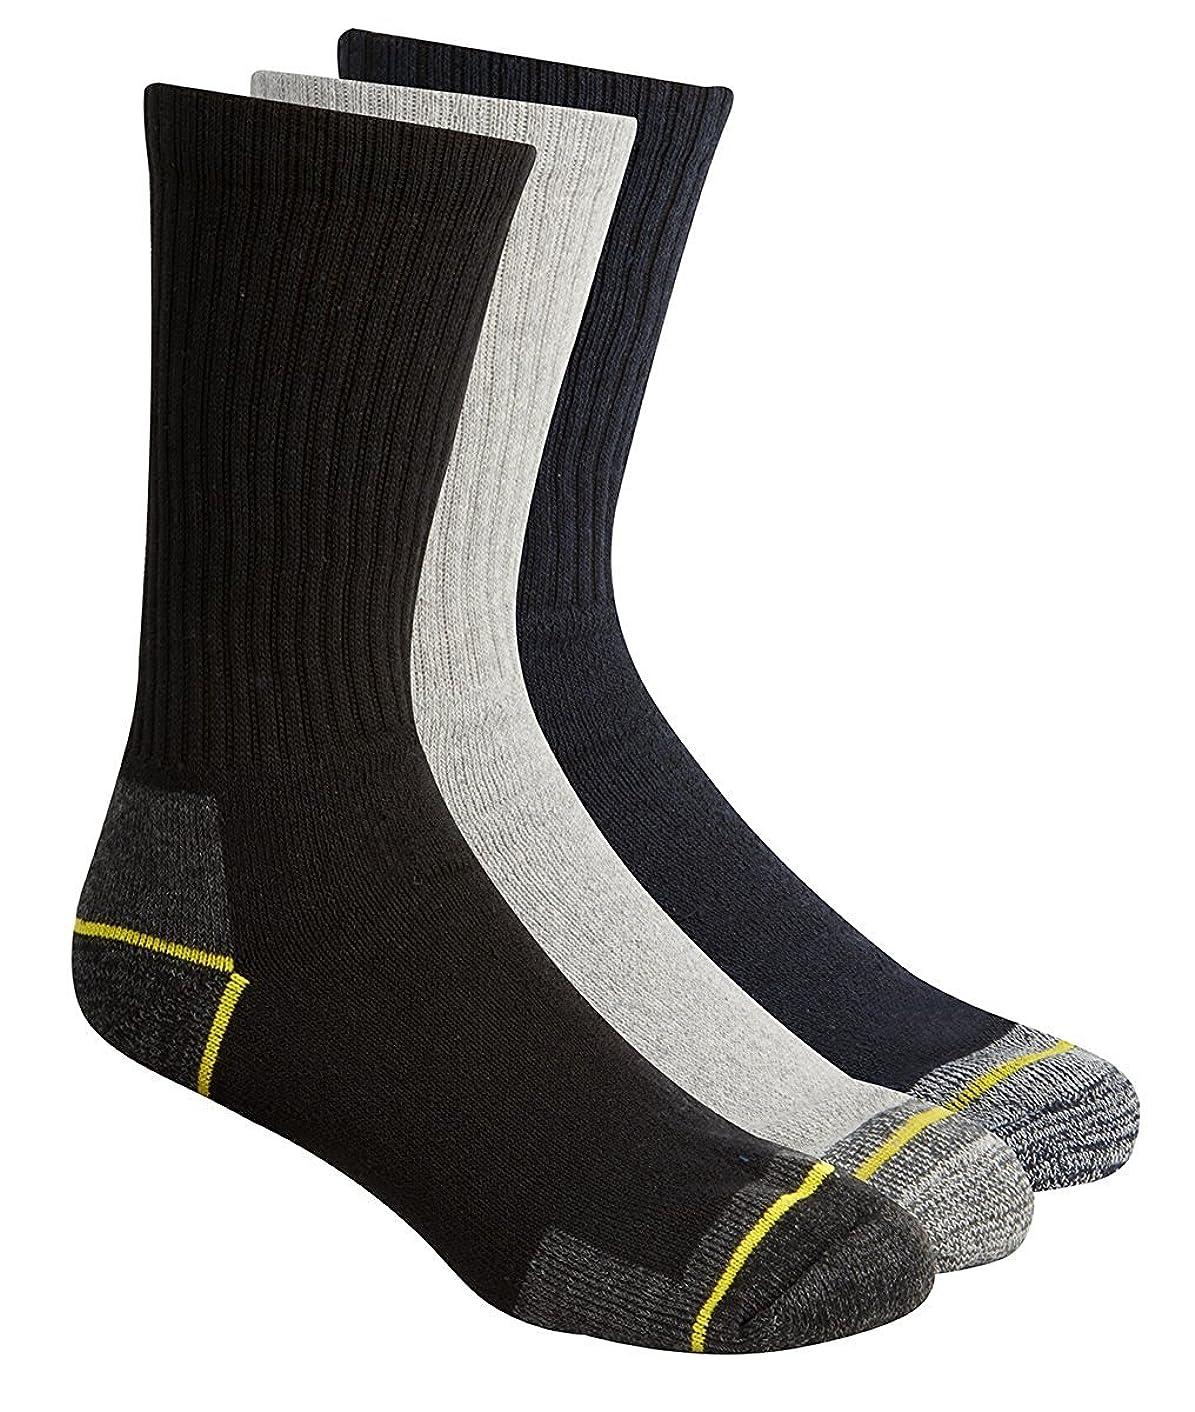 HDUK Mens Socks Men's 6 Pairs Of 'Erbro Workwear' Work Boot Socks